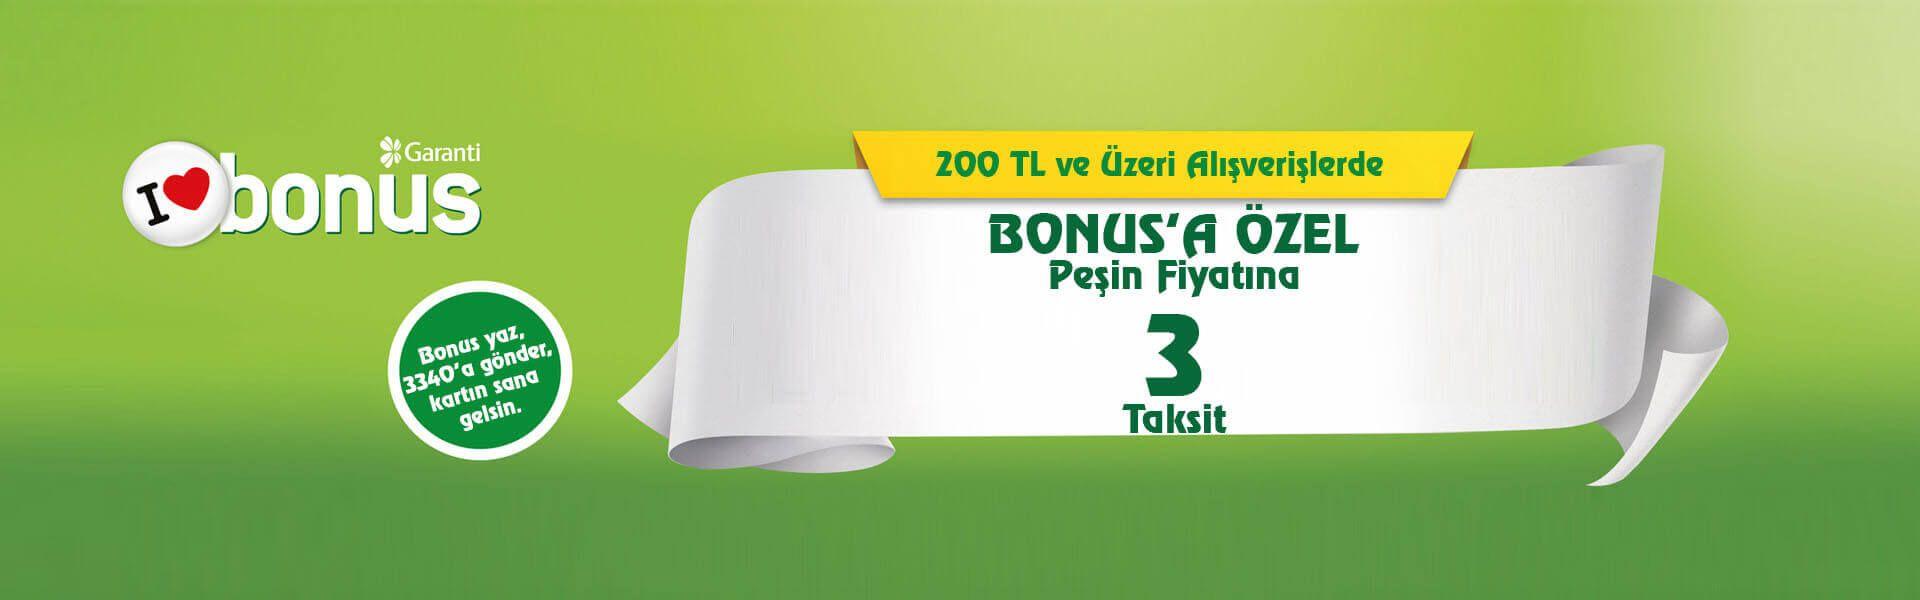 200 TL ve Üzeri Alışverişlerde Bonus'a Özel Peşin Fiyatına 3 Taksit